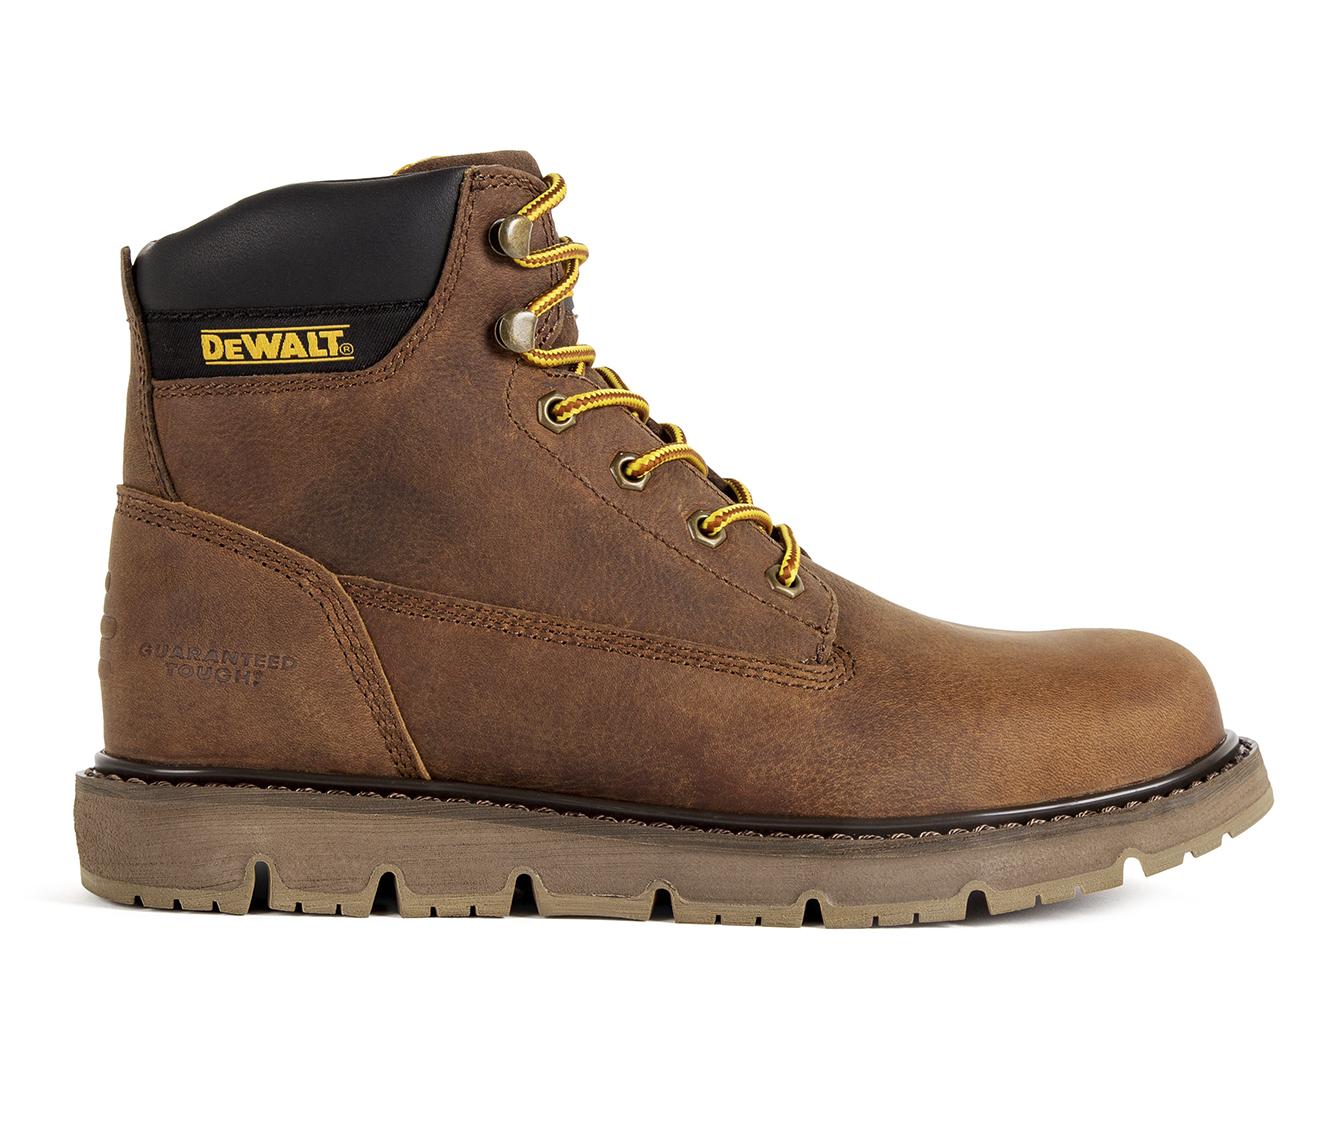 DeWALT Flex PT Bison Slip Resistant Men's Boots (Brown Leather)